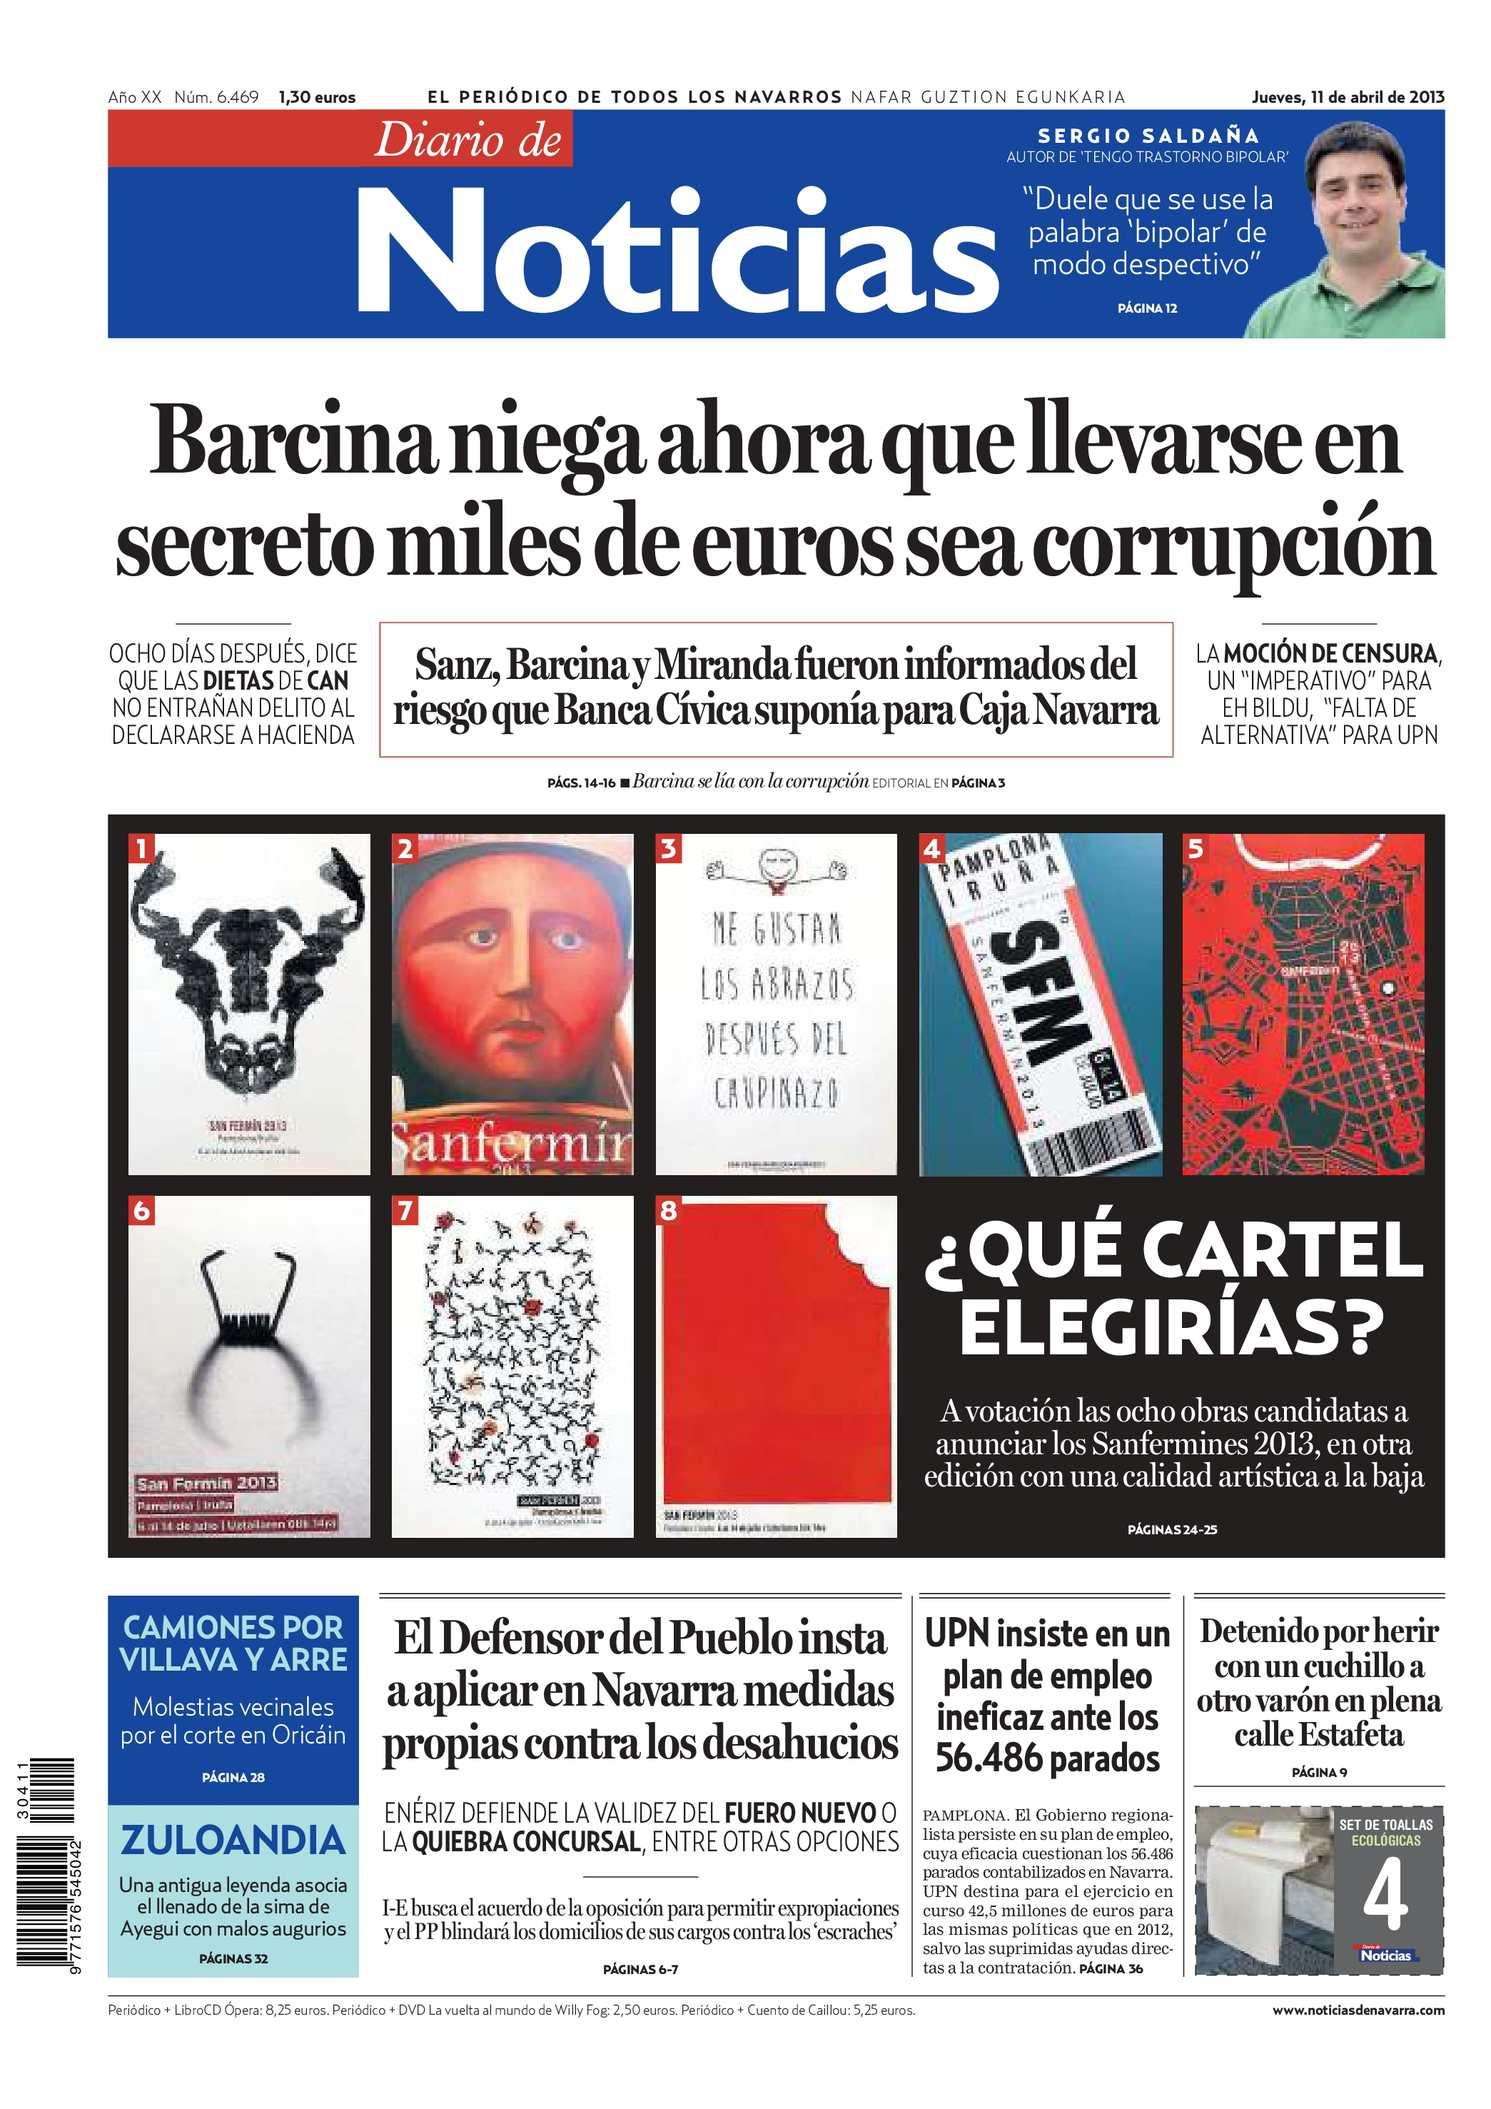 eb28d2890b58 Calaméo - Diario de Noticias 20130411